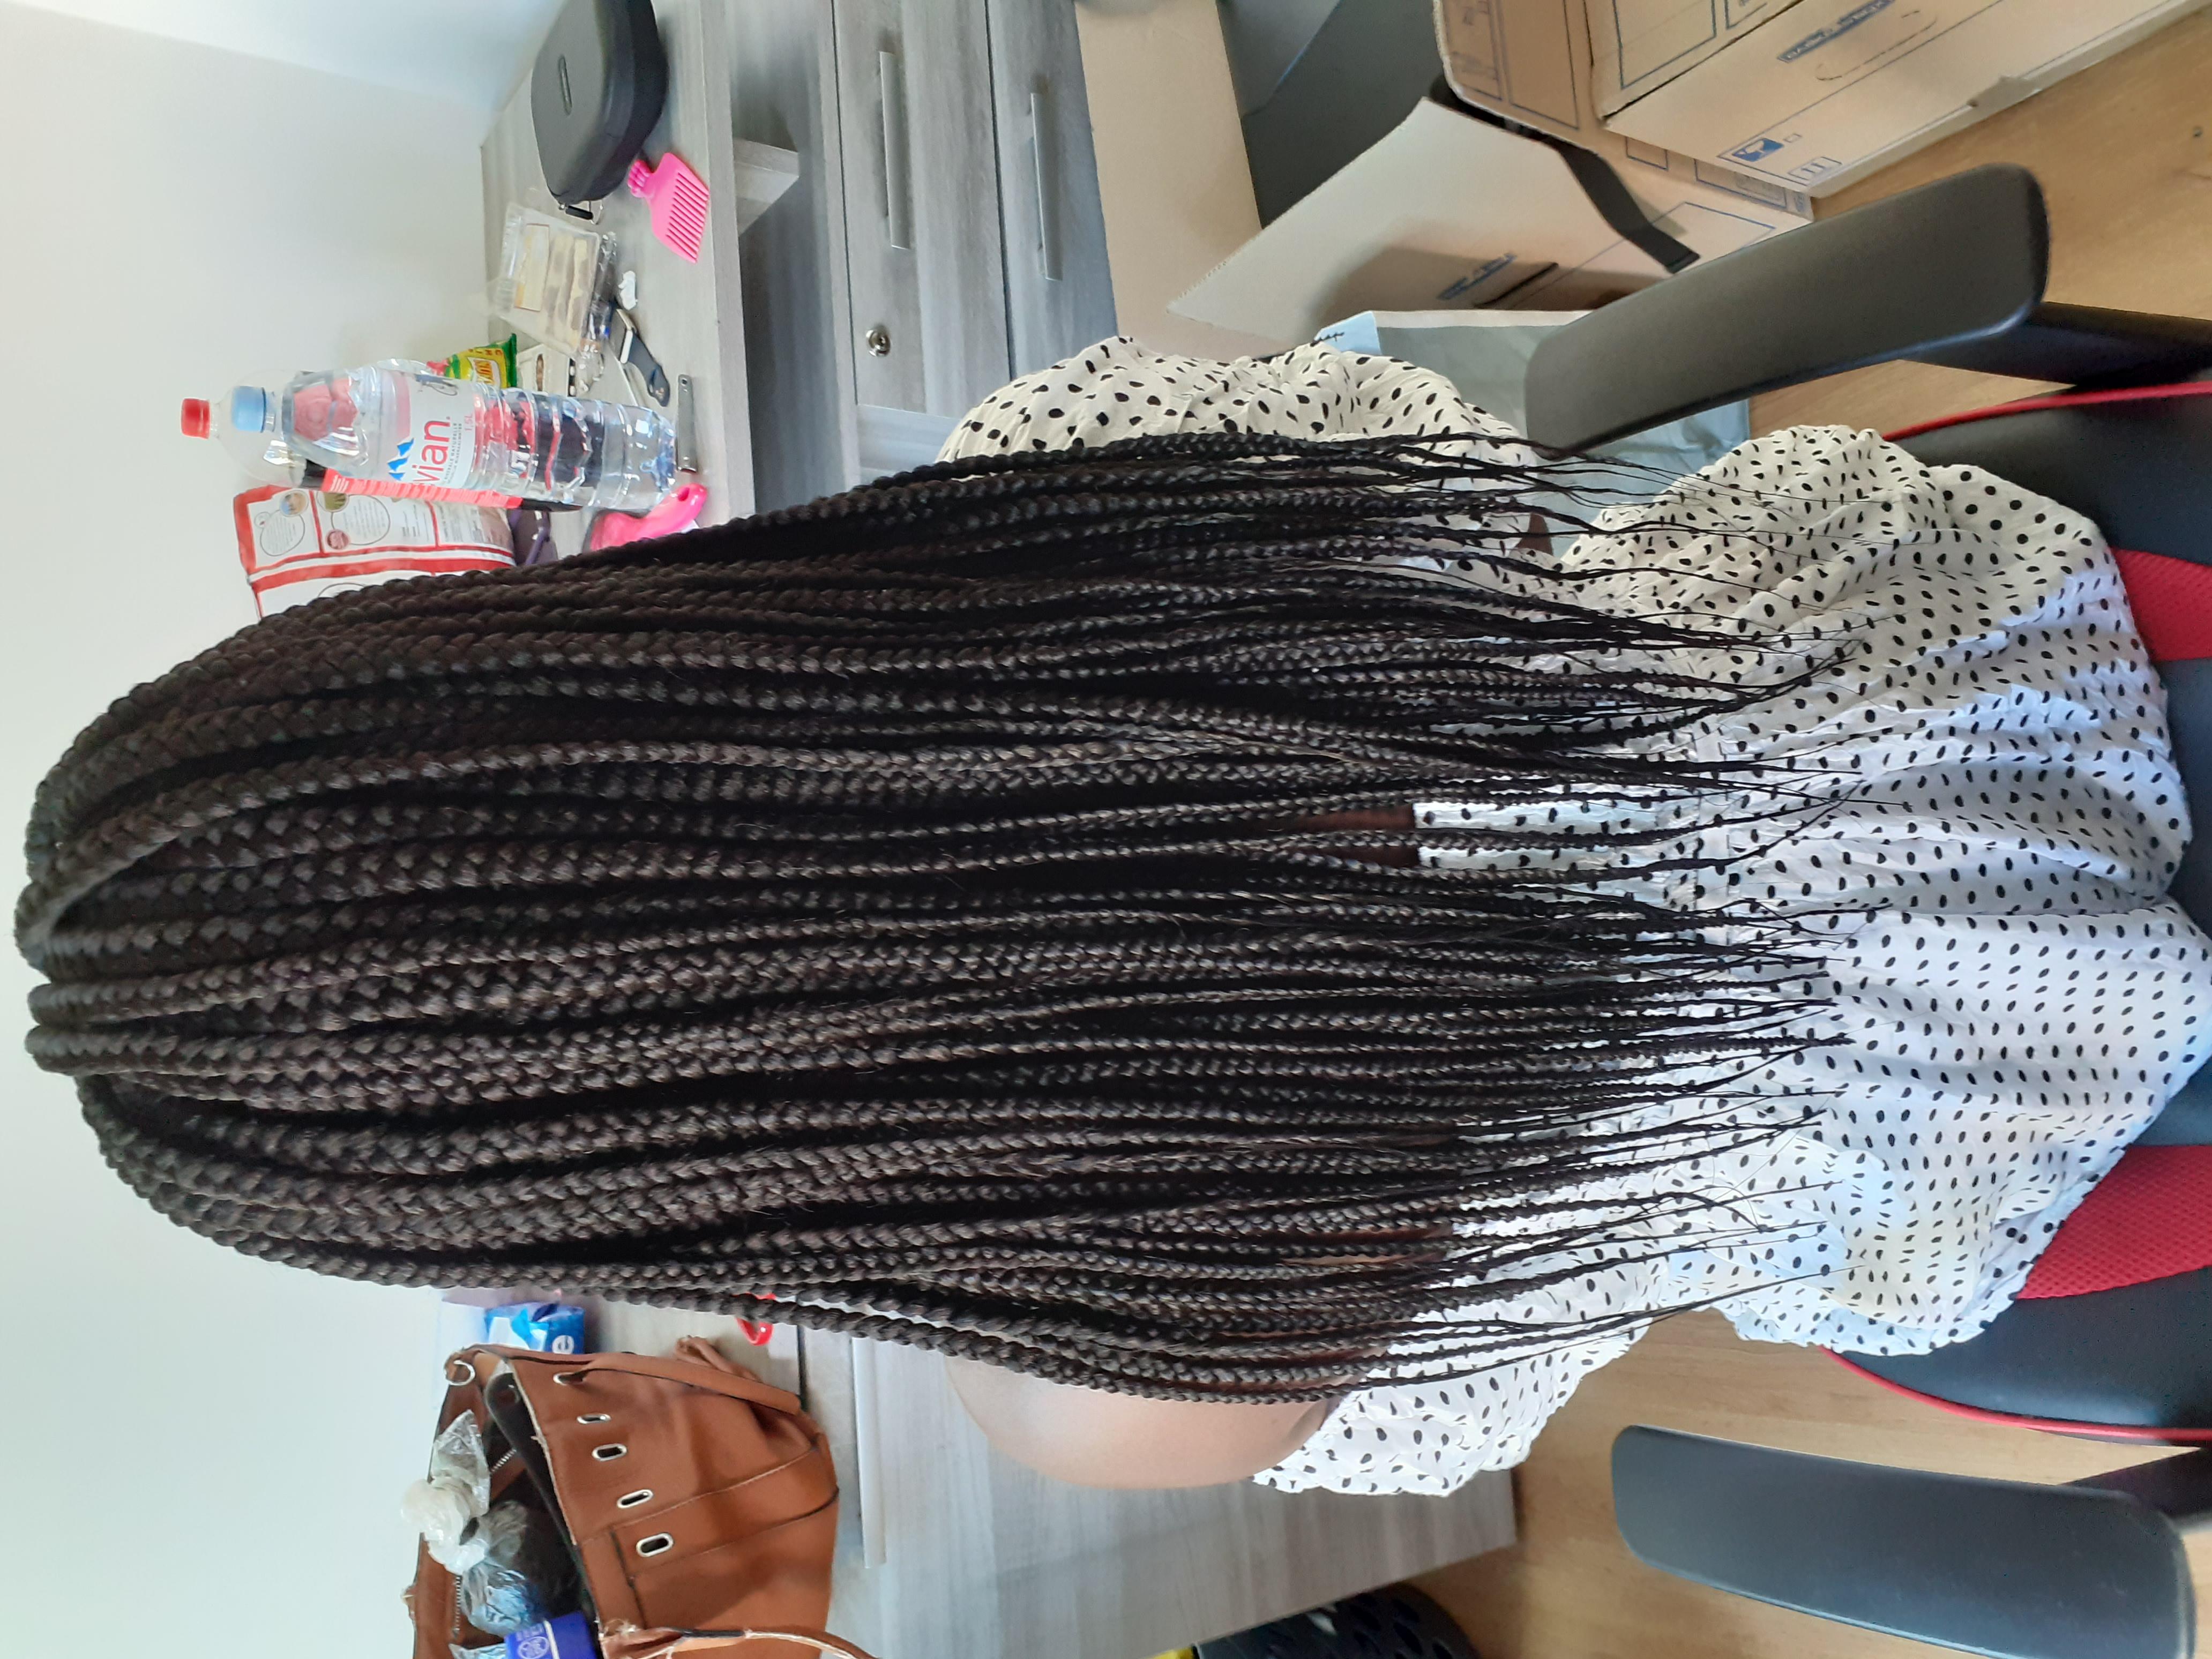 salon de coiffure afro tresse tresses box braids crochet braids vanilles tissages paris 75 77 78 91 92 93 94 95 KYRLCAEN